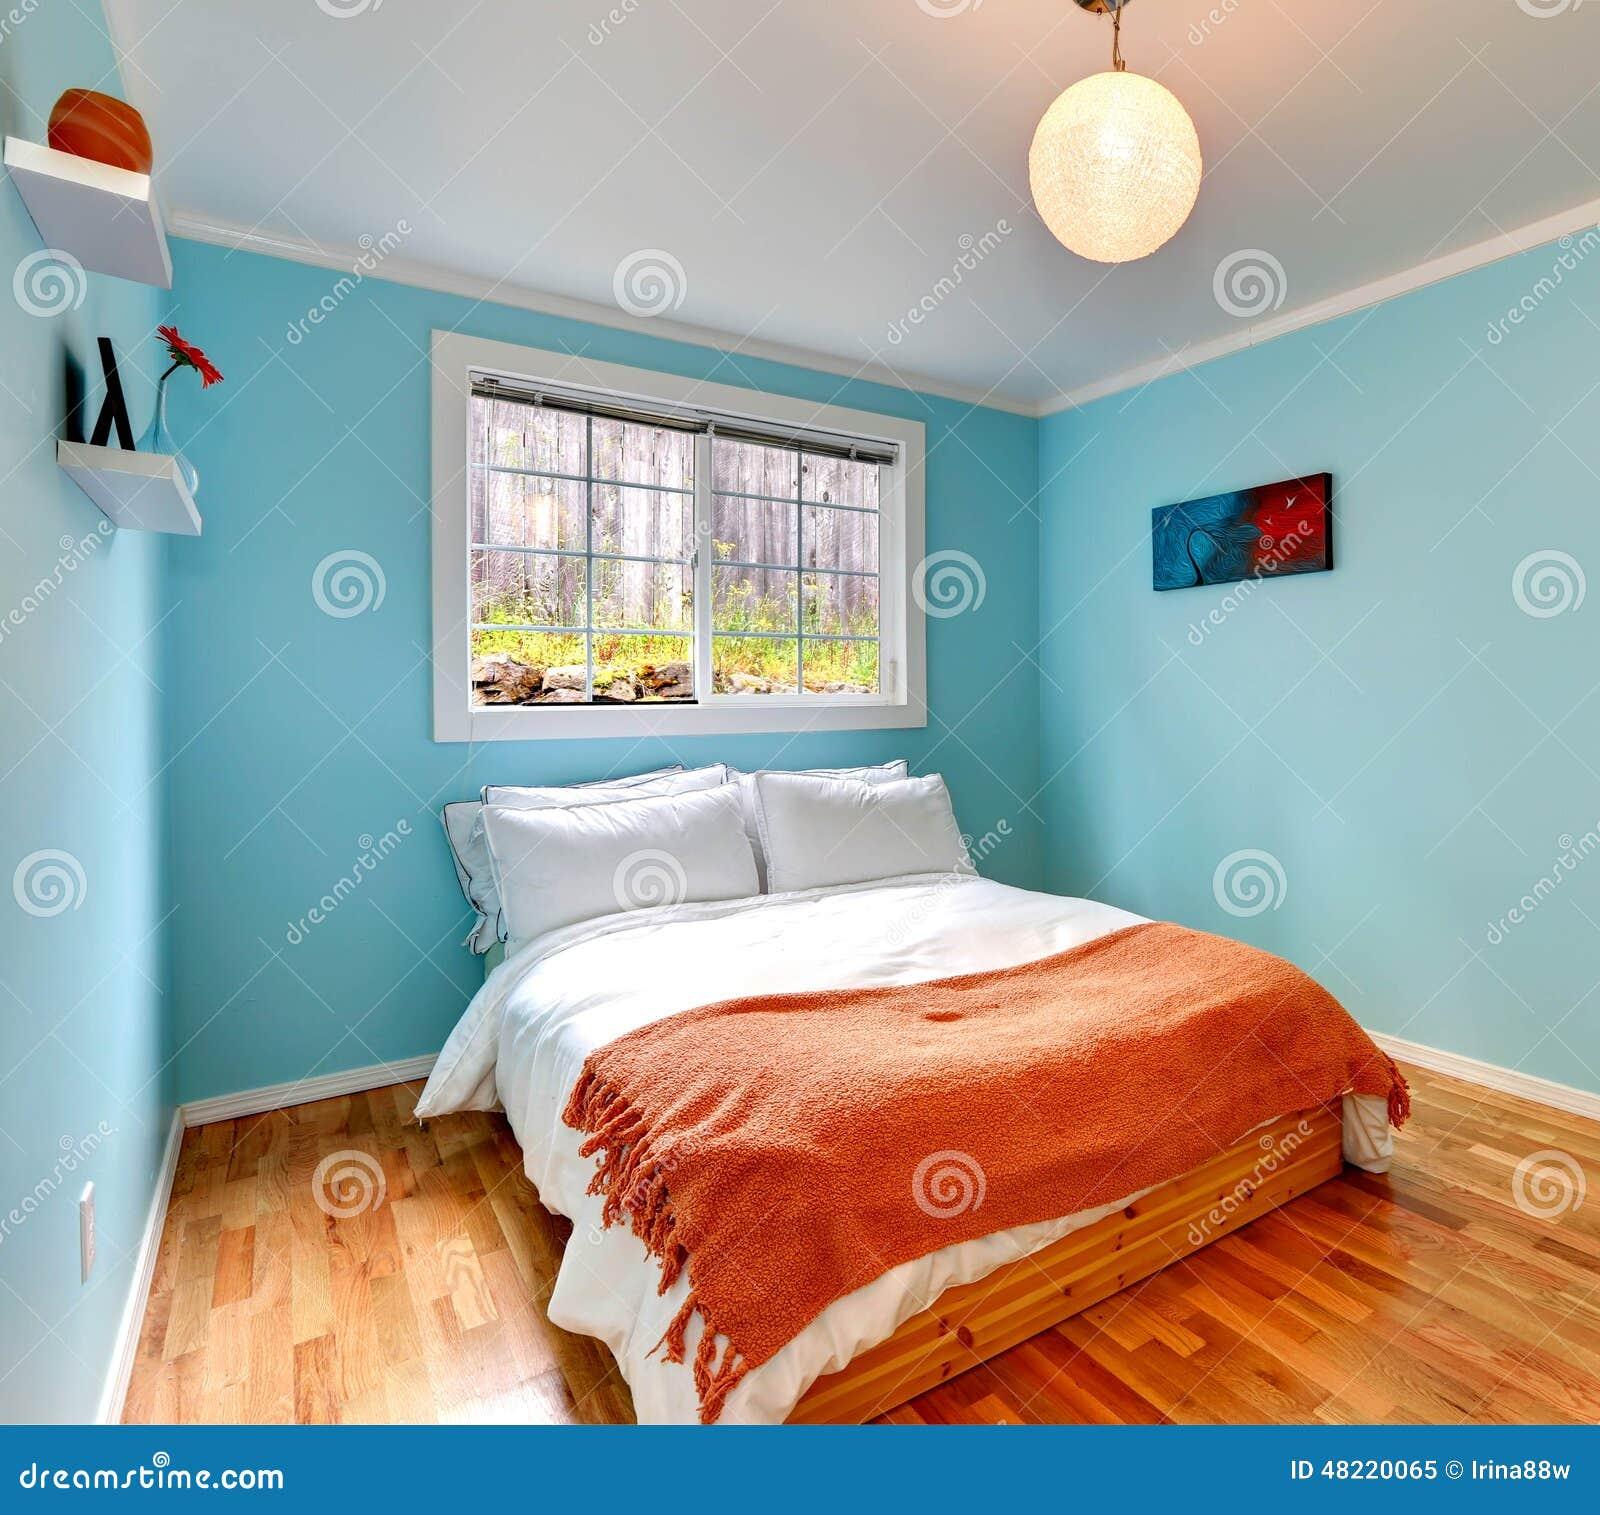 Hemtrevligt sovrum i ljus   blå färg arkivfoto   bild: 48220065